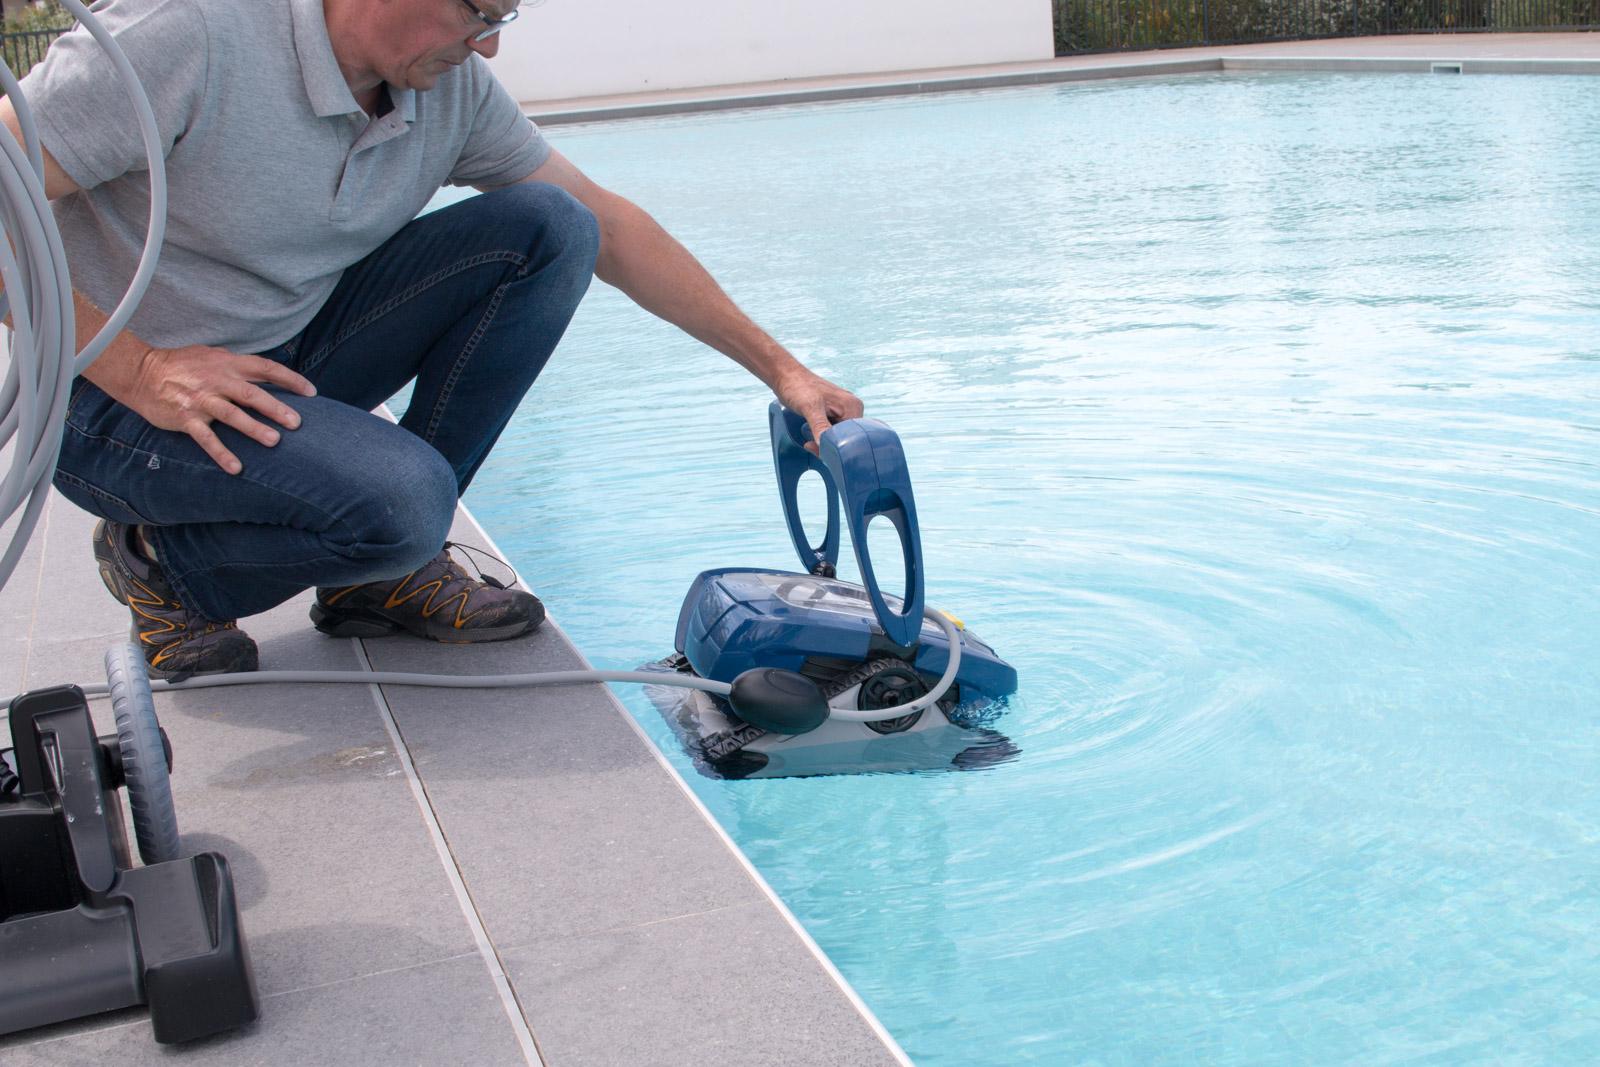 Installation et configuration d'un robot nettoyeur de piscine